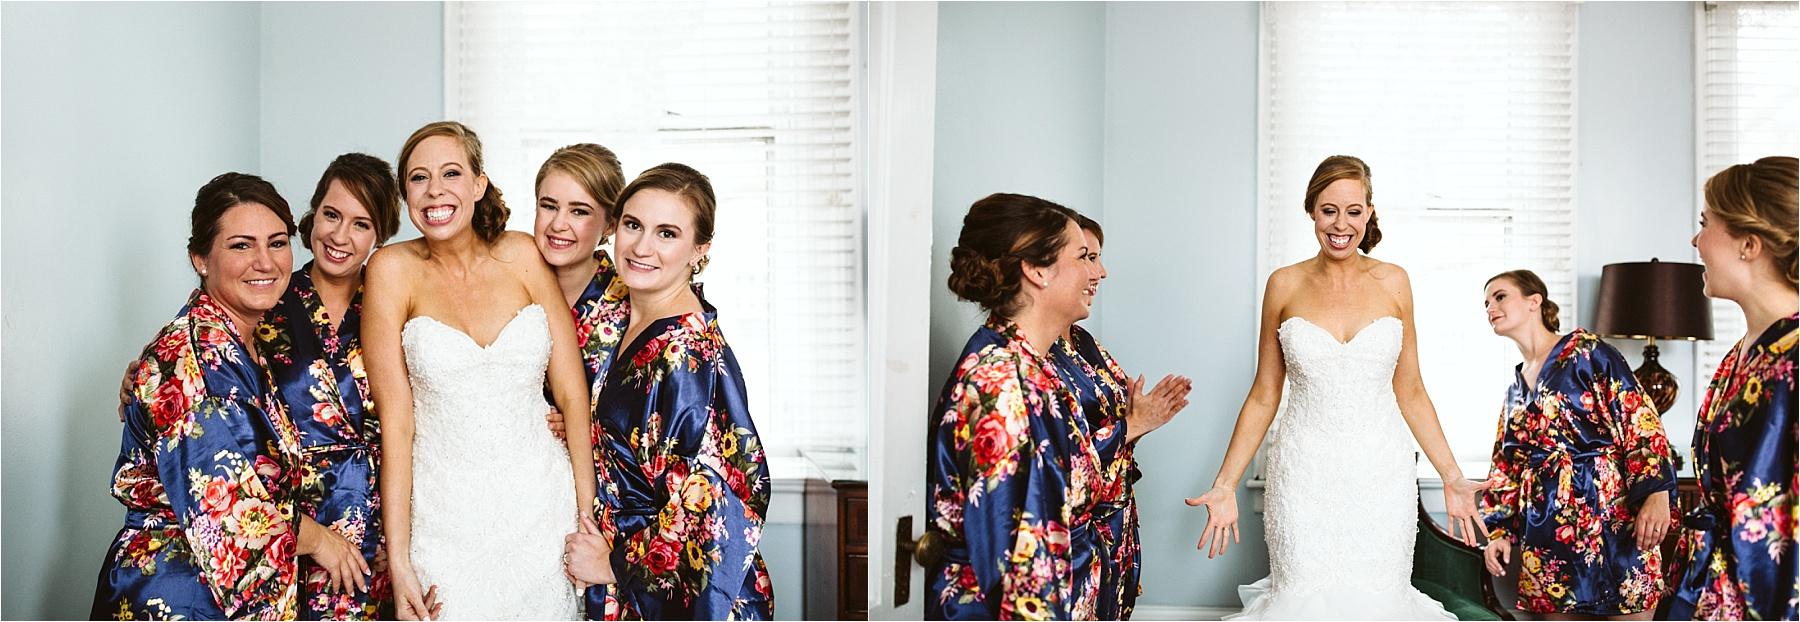 Forsyth Park Savannah Wedding_0019.jpg